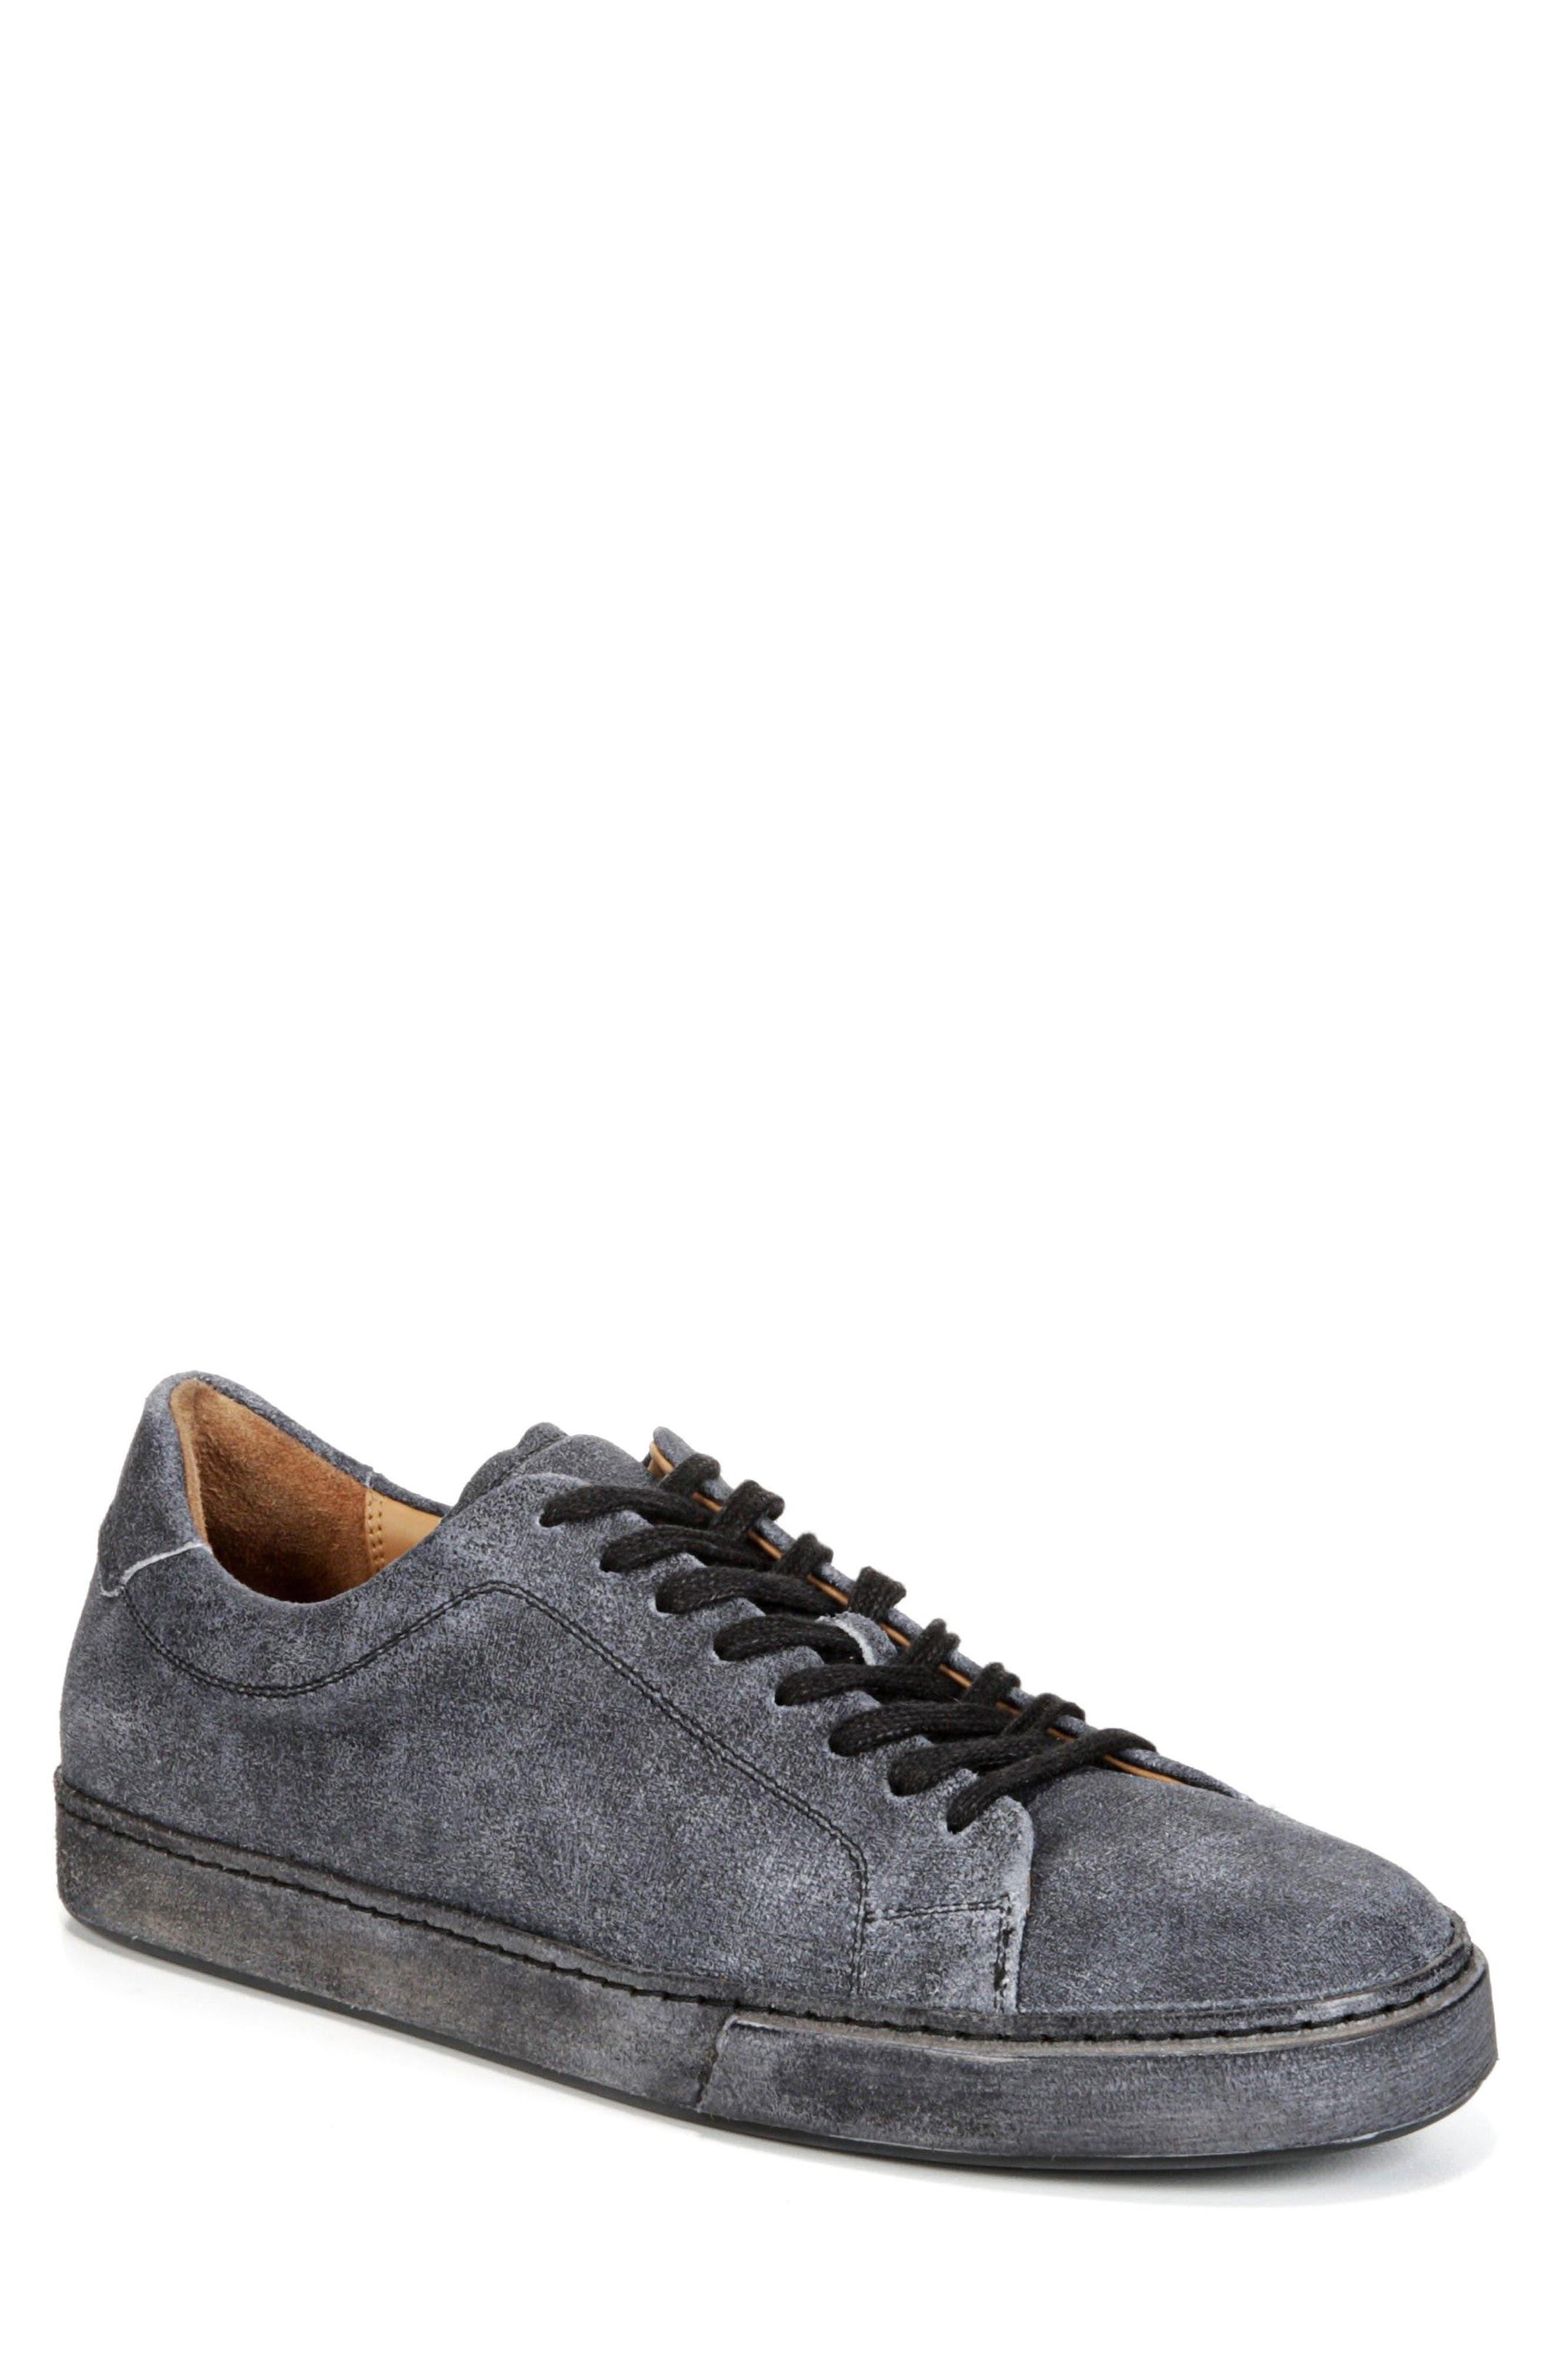 Nobel Sneaker,                         Main,                         color, 002